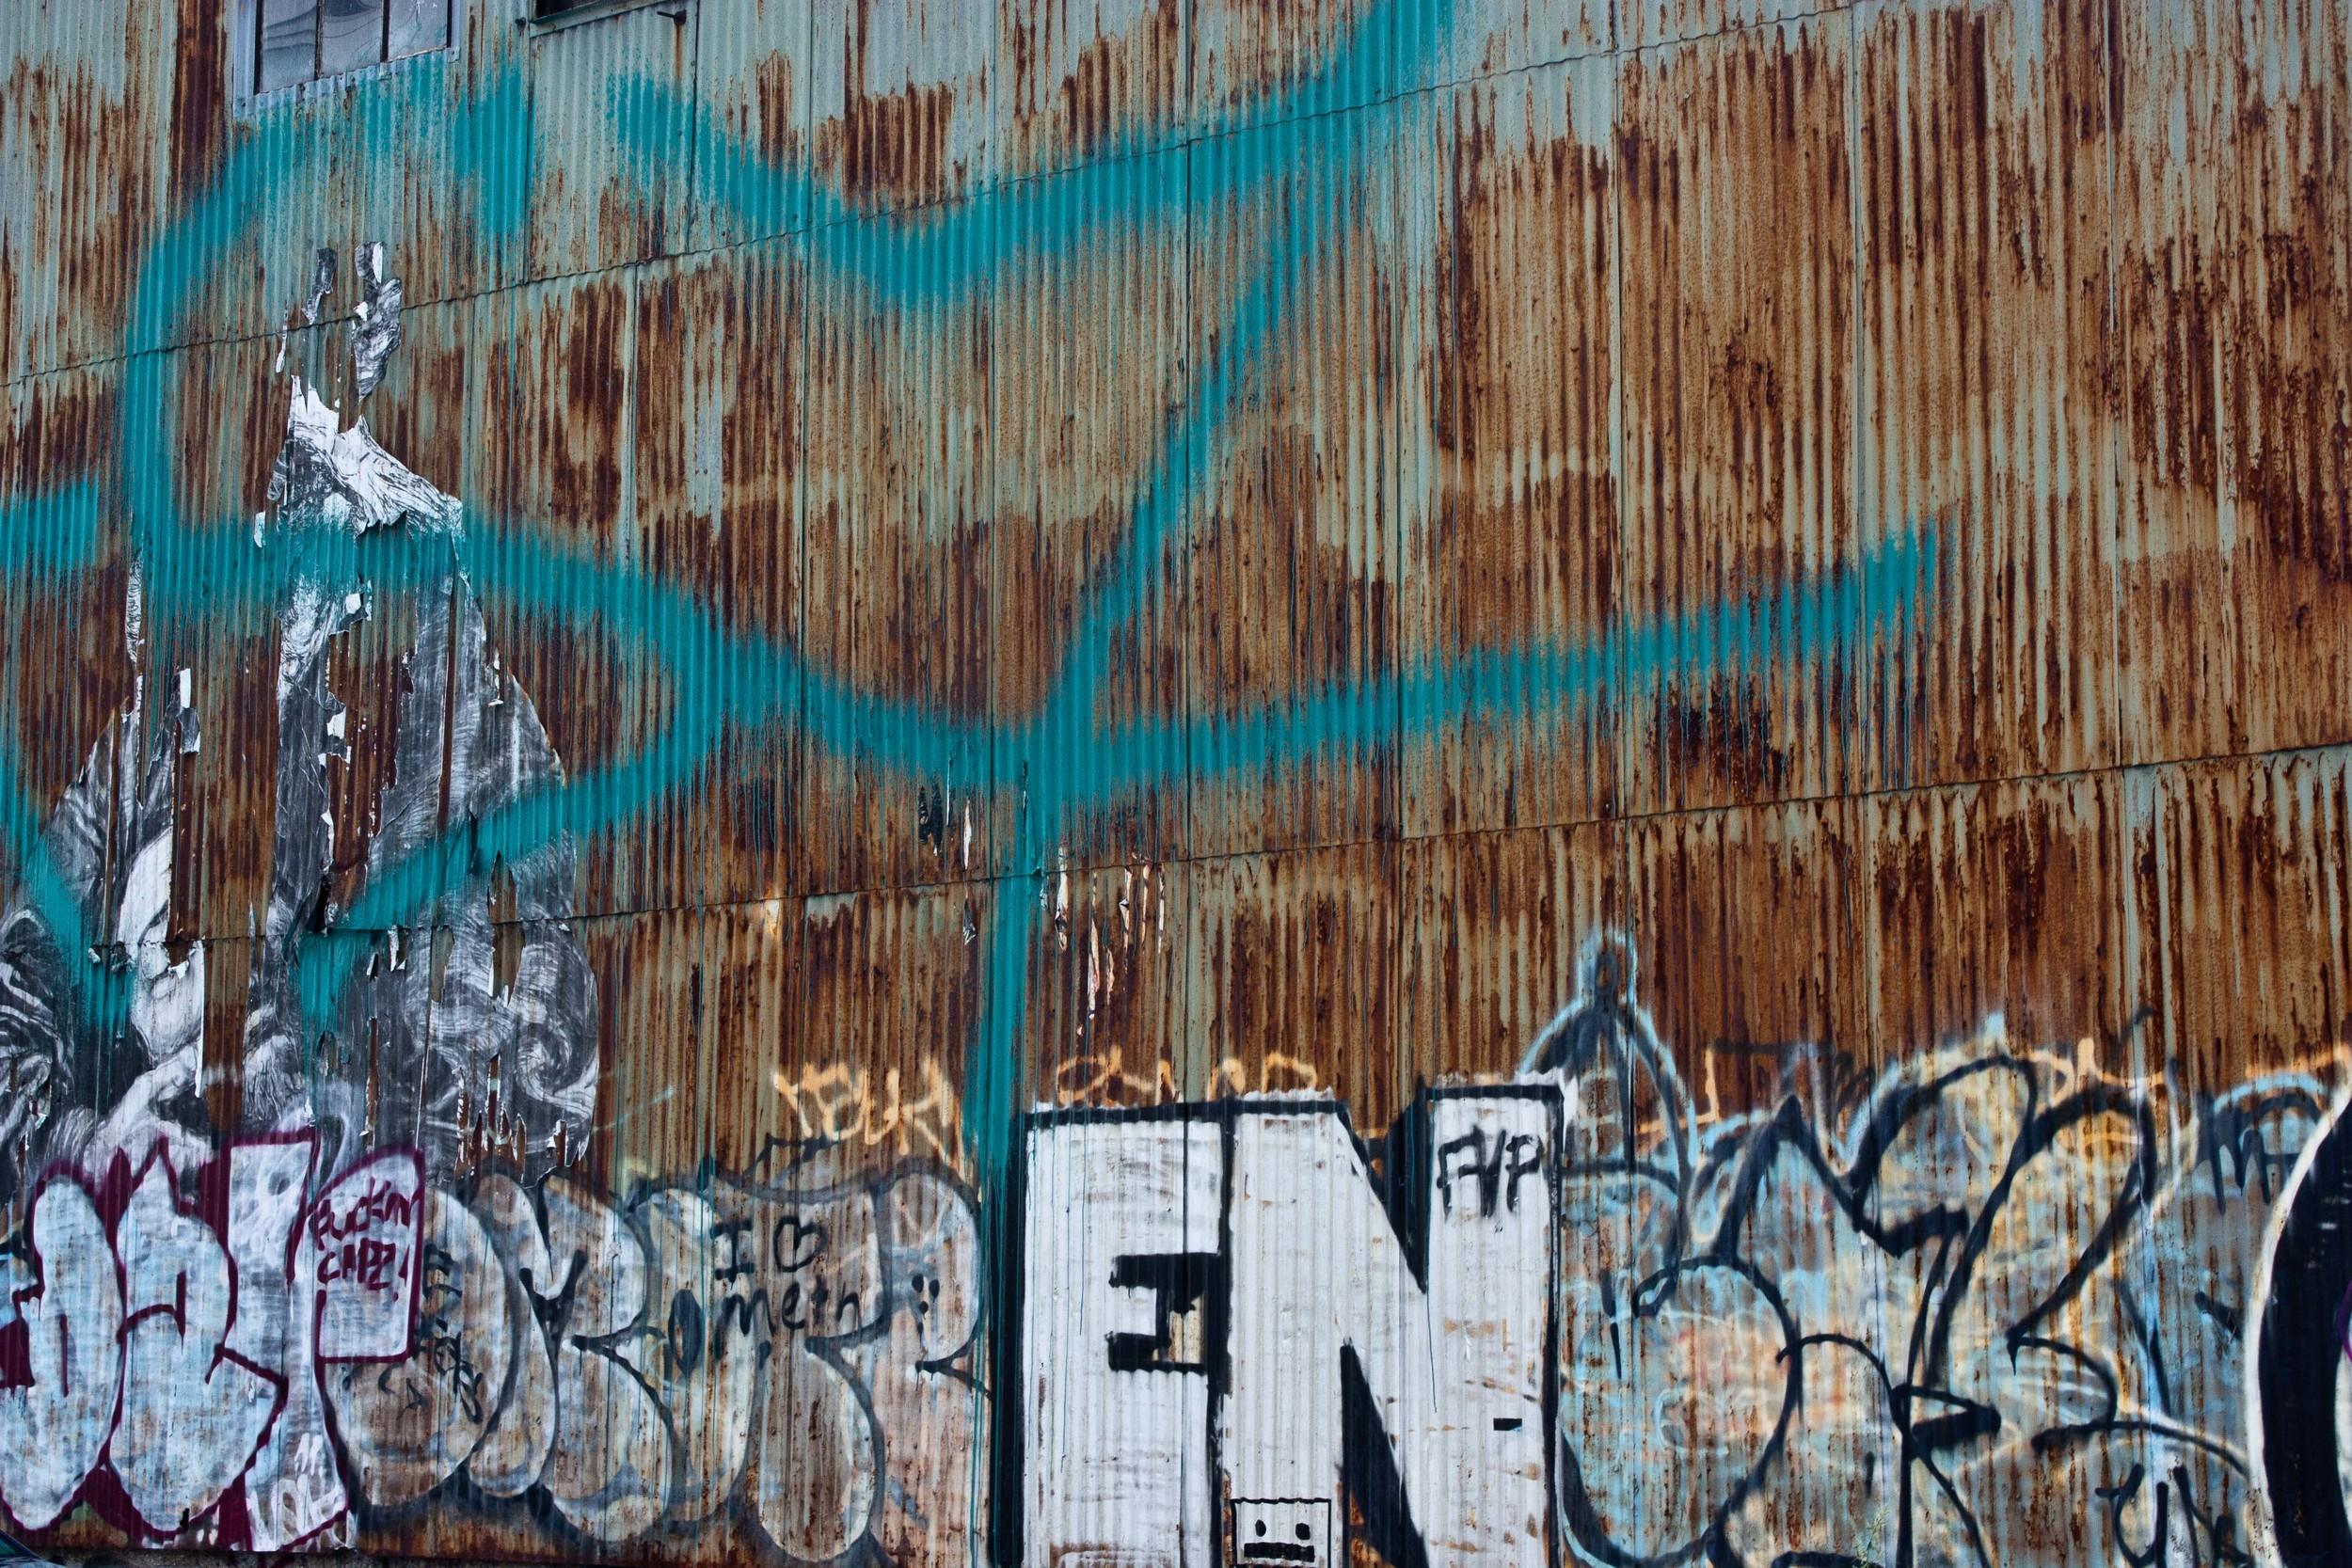 brooklyn graffiti alue optics